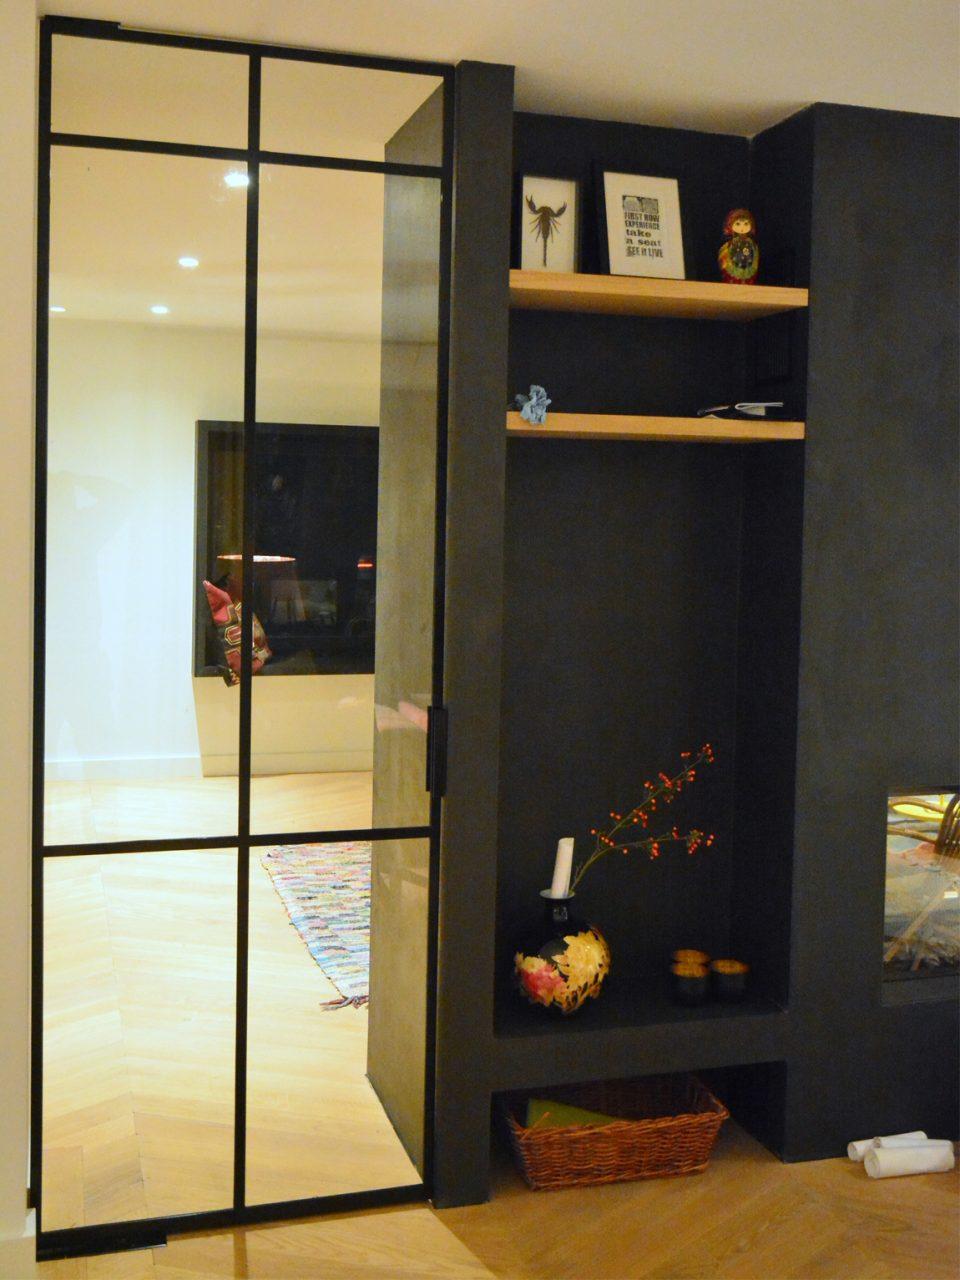 Stalen taatsdeur fungeert als roomdivider in project Bergeijk, gerealiseerd door Stalen Deuren Huys